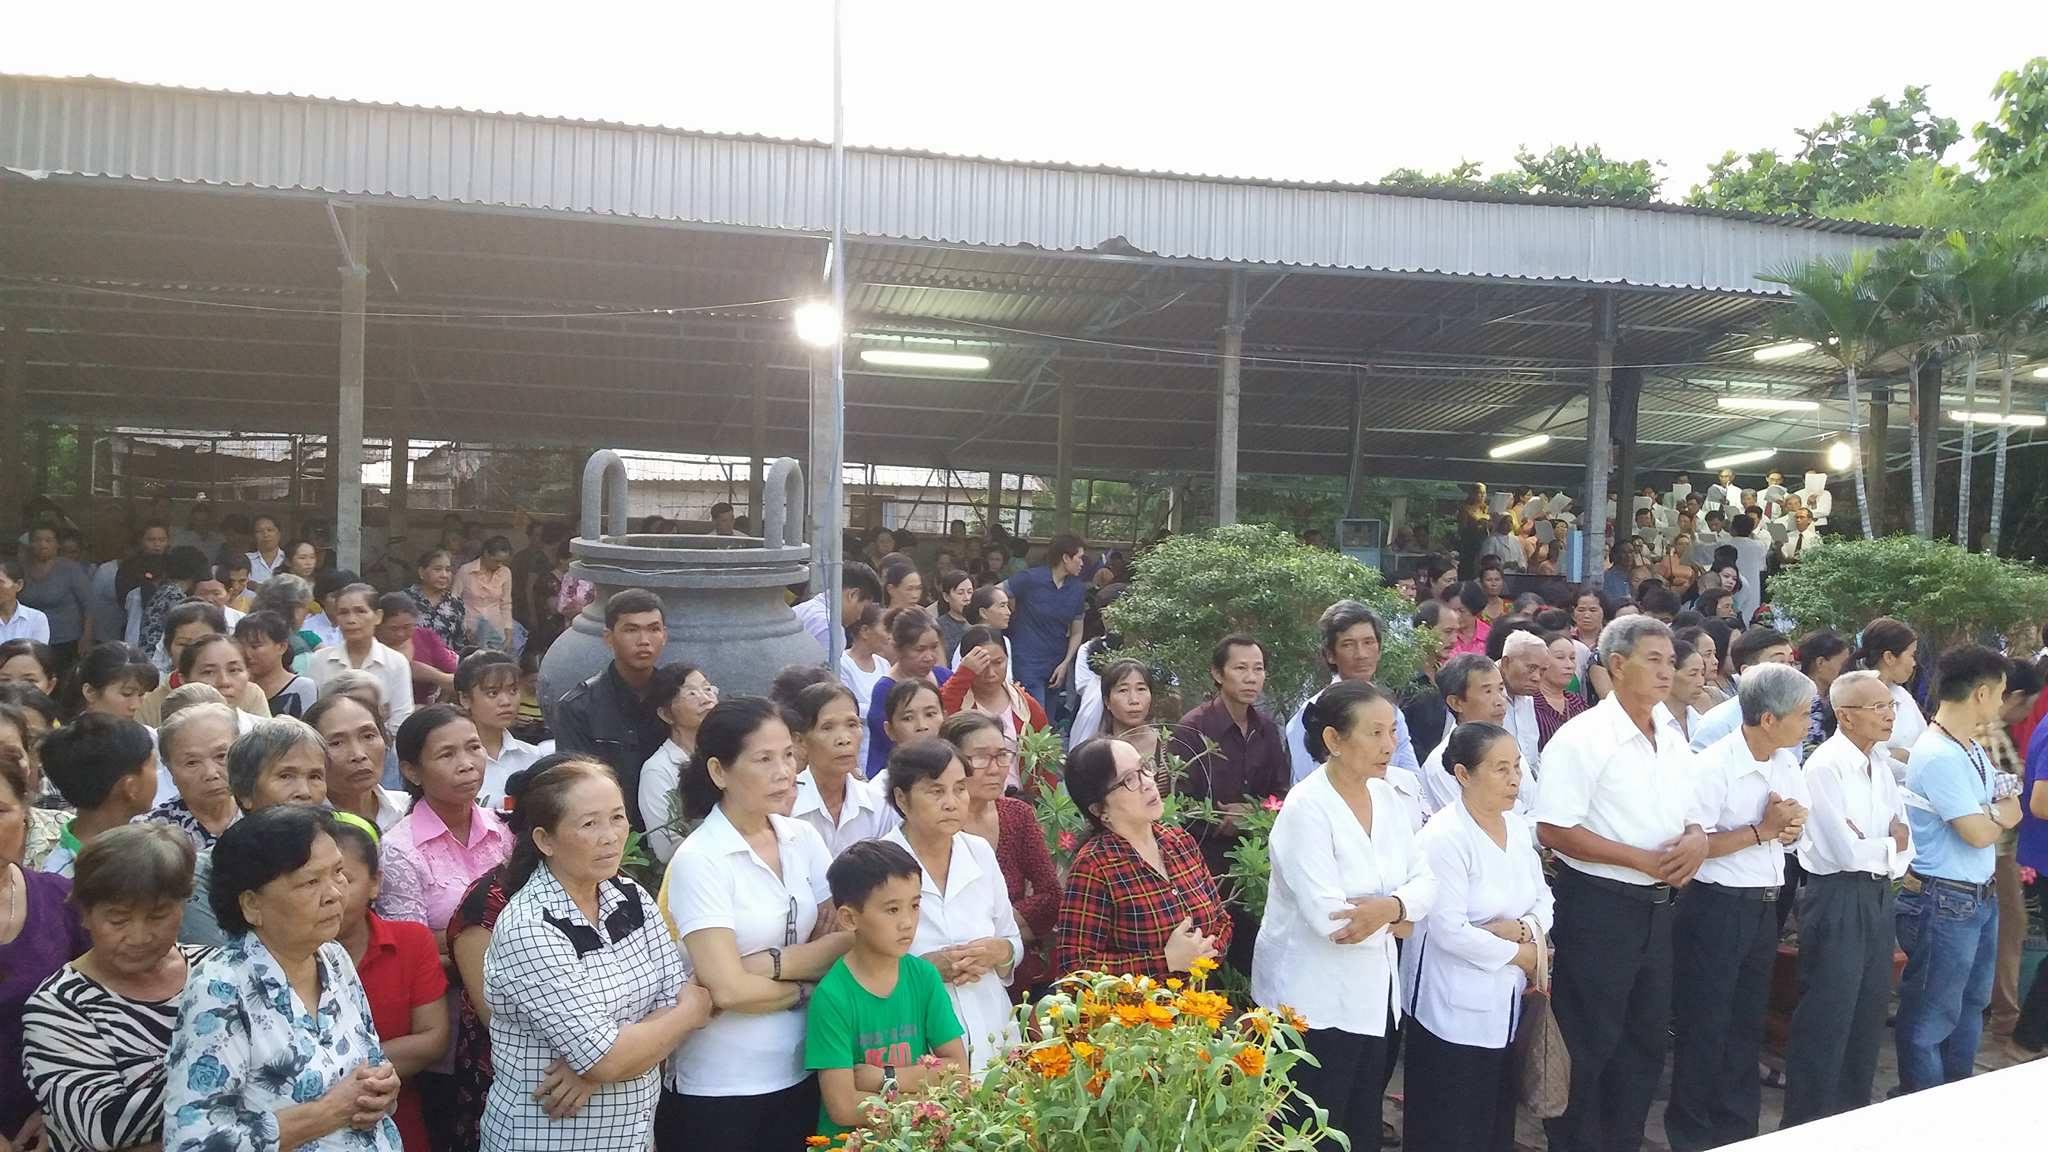 TTHH Fatima Vĩnh Long : Khai mạc hành hương kỷ niệm 100 năm Đức Mẹ hiện ra tại Fatima - Ảnh minh hoạ 6